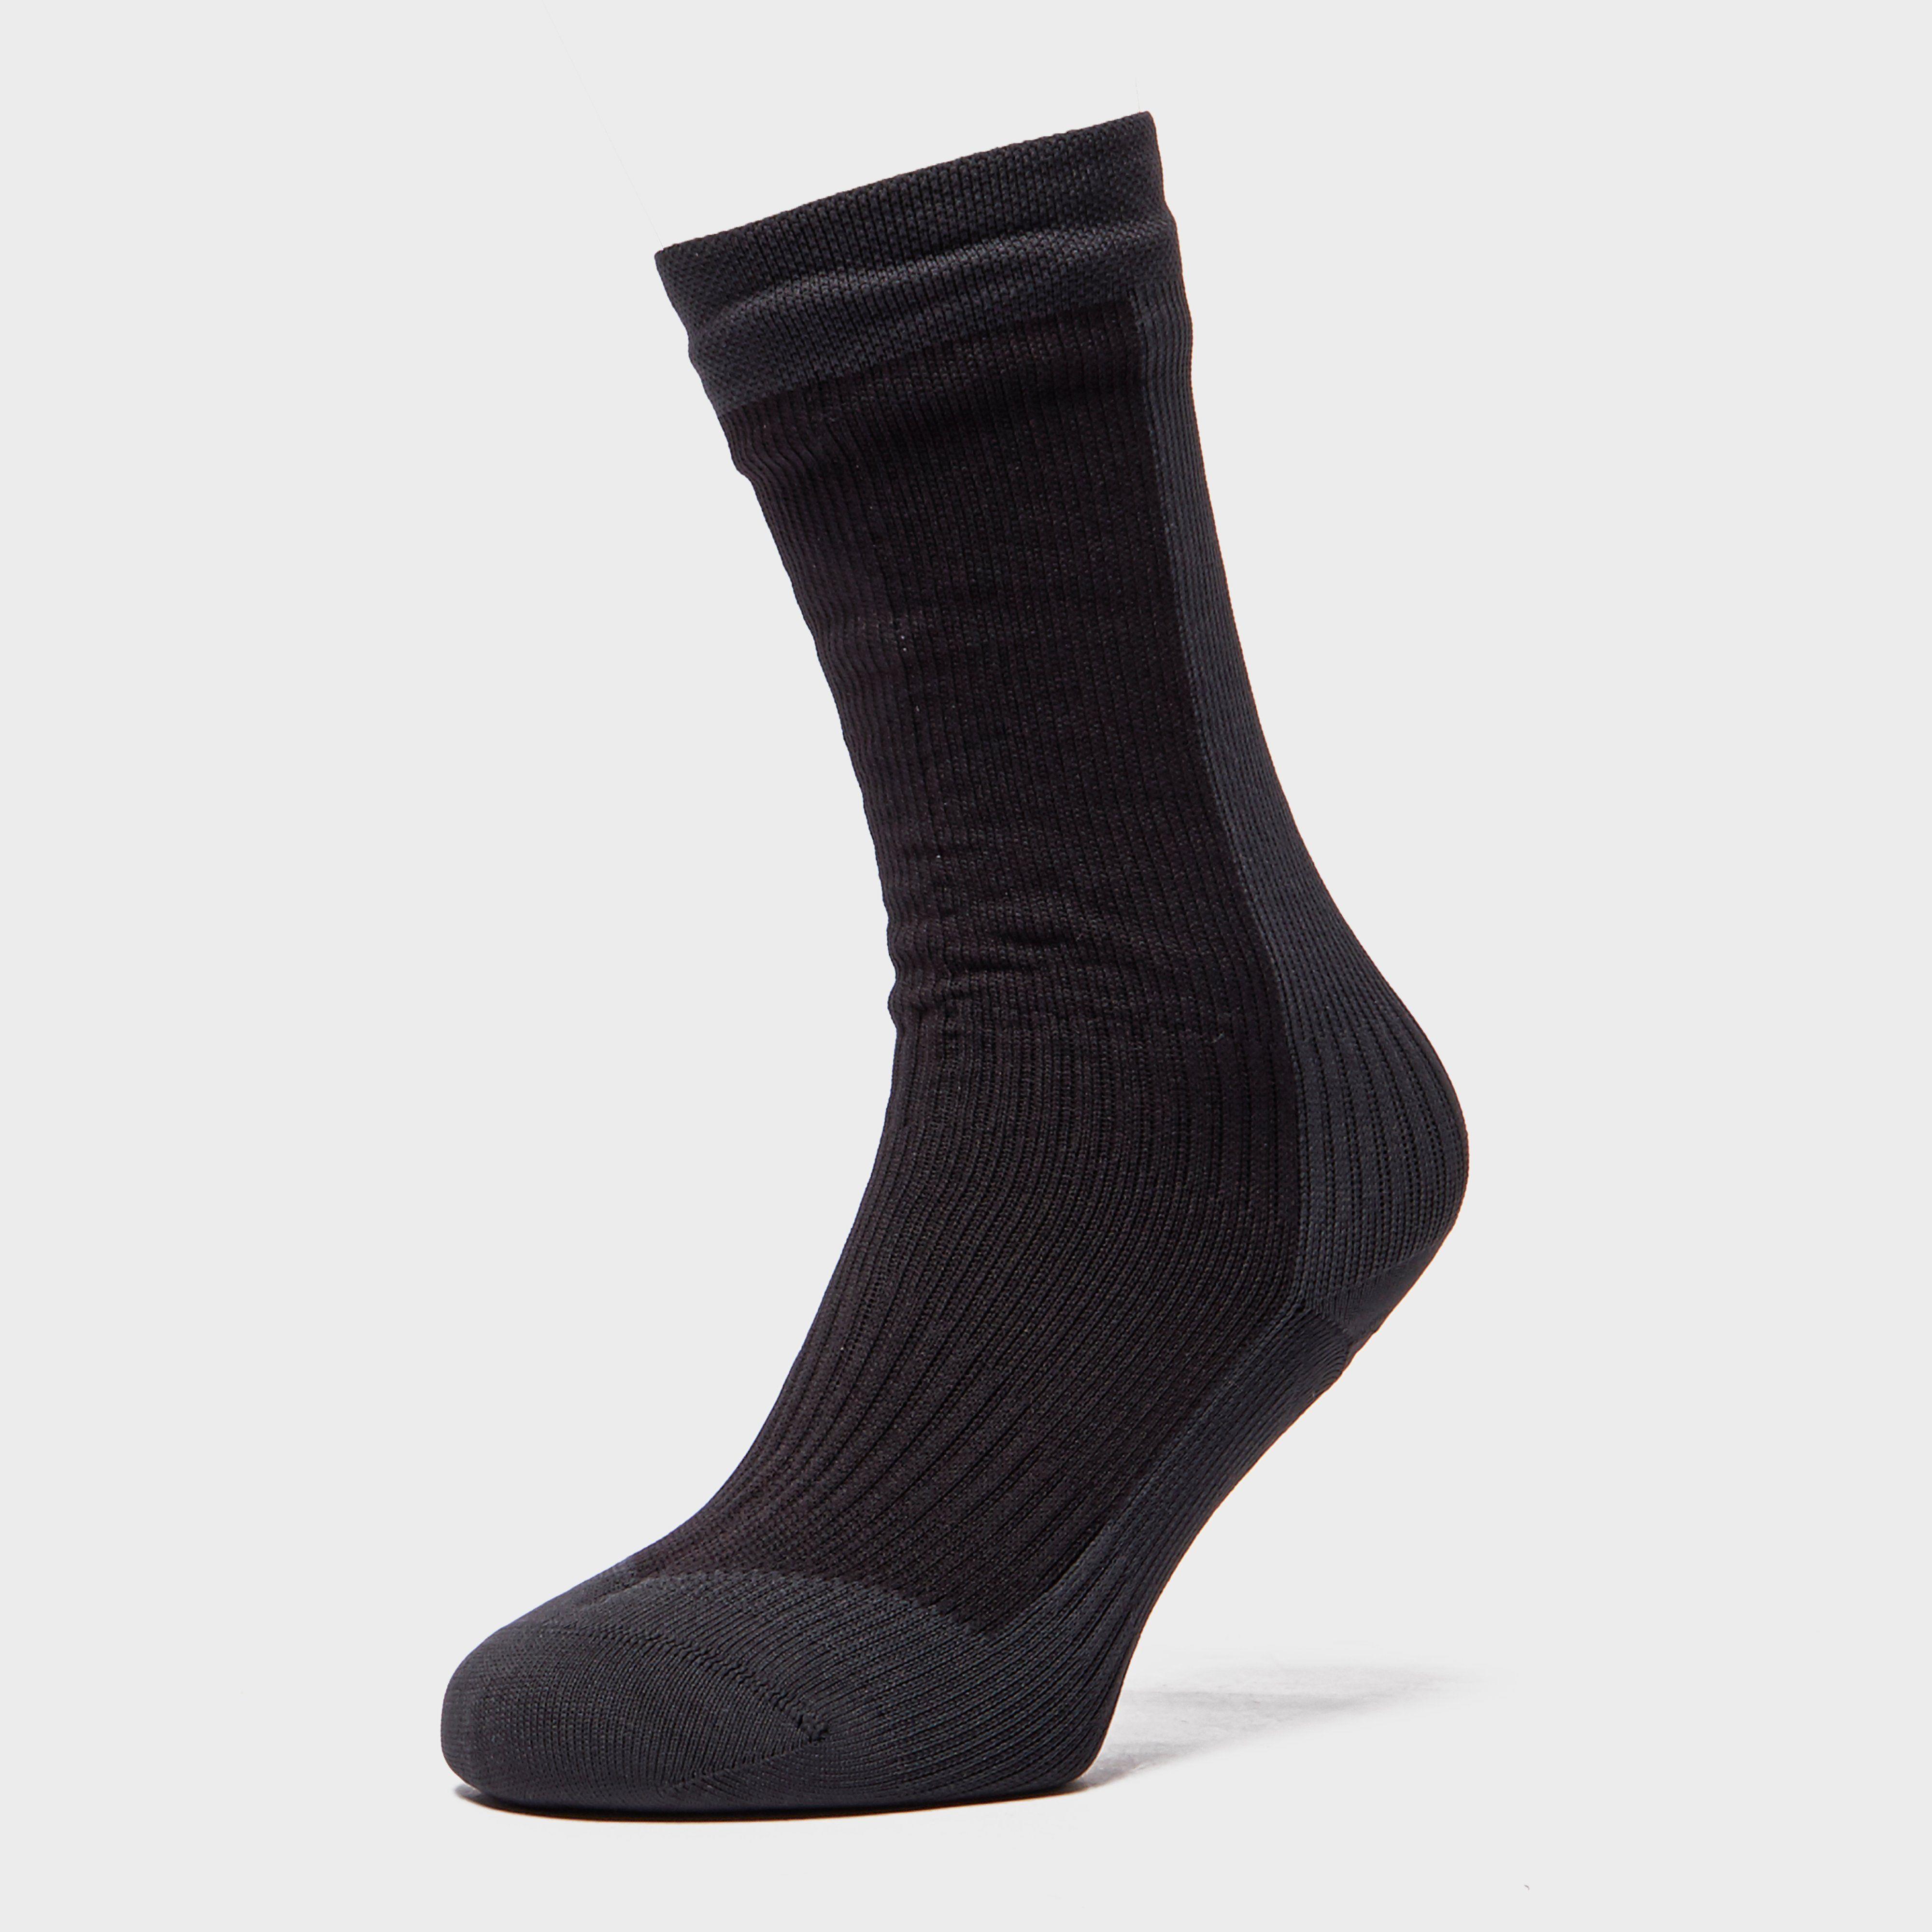 SEALSKINZ Men's Mid length Hiking Socks